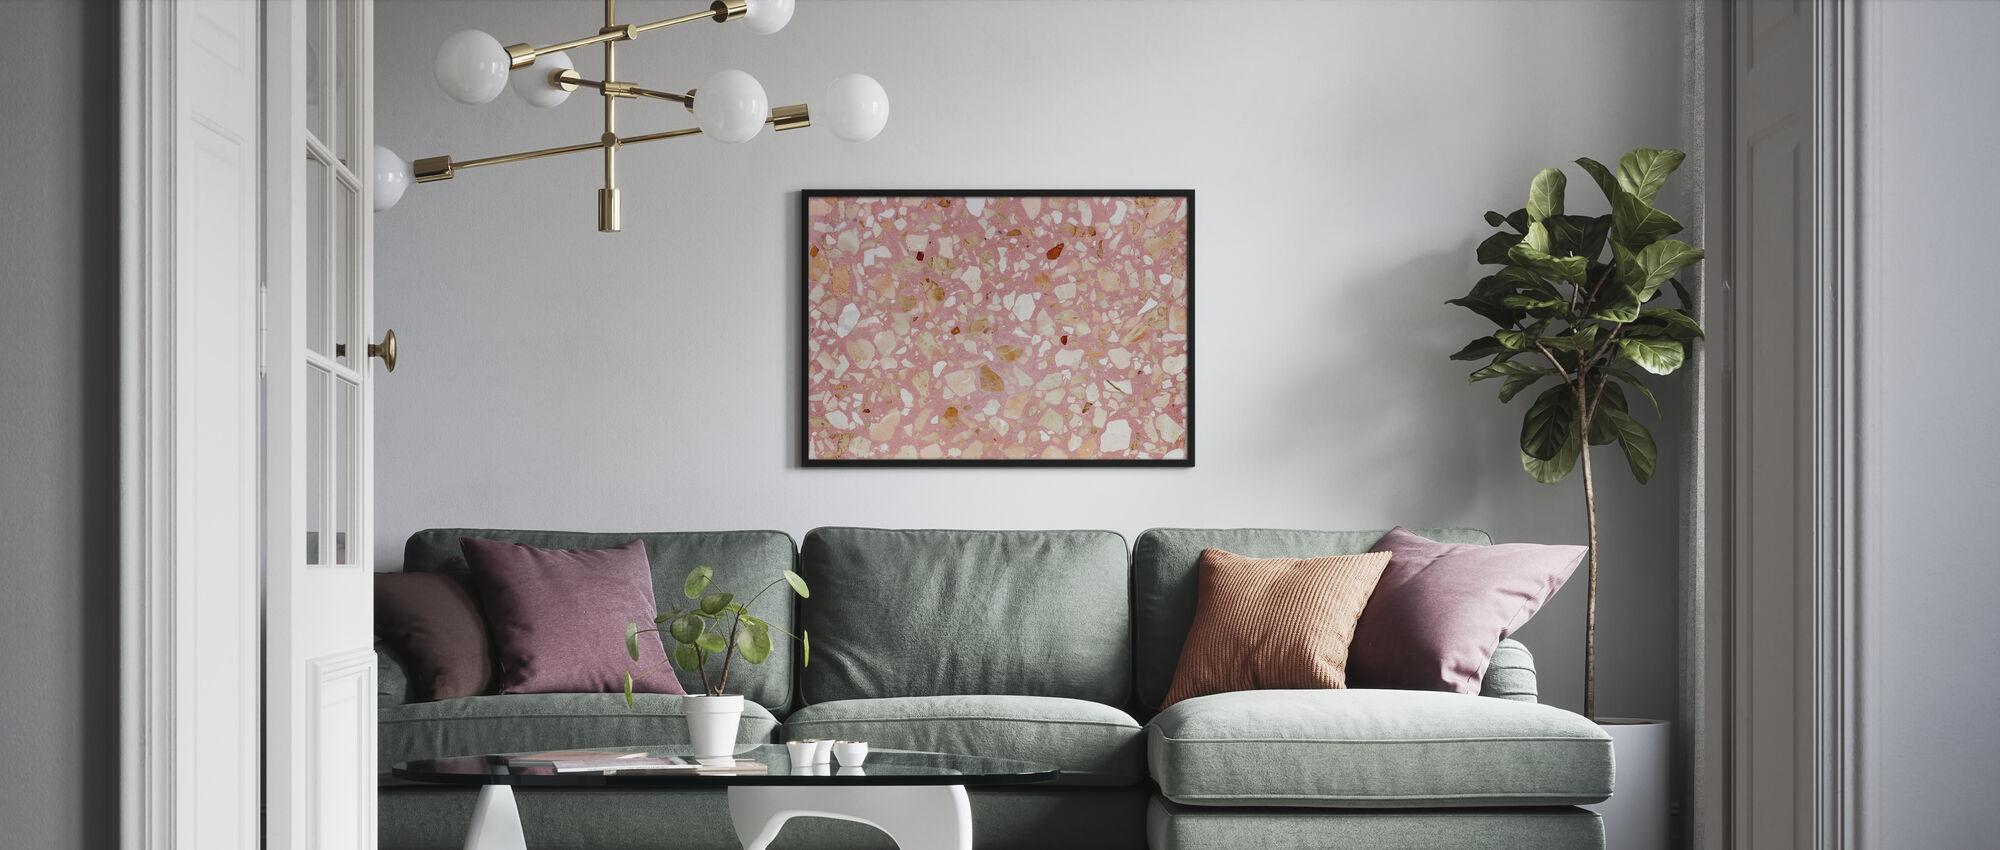 Terrazzo Rosa Texturae - Poster - Salotto